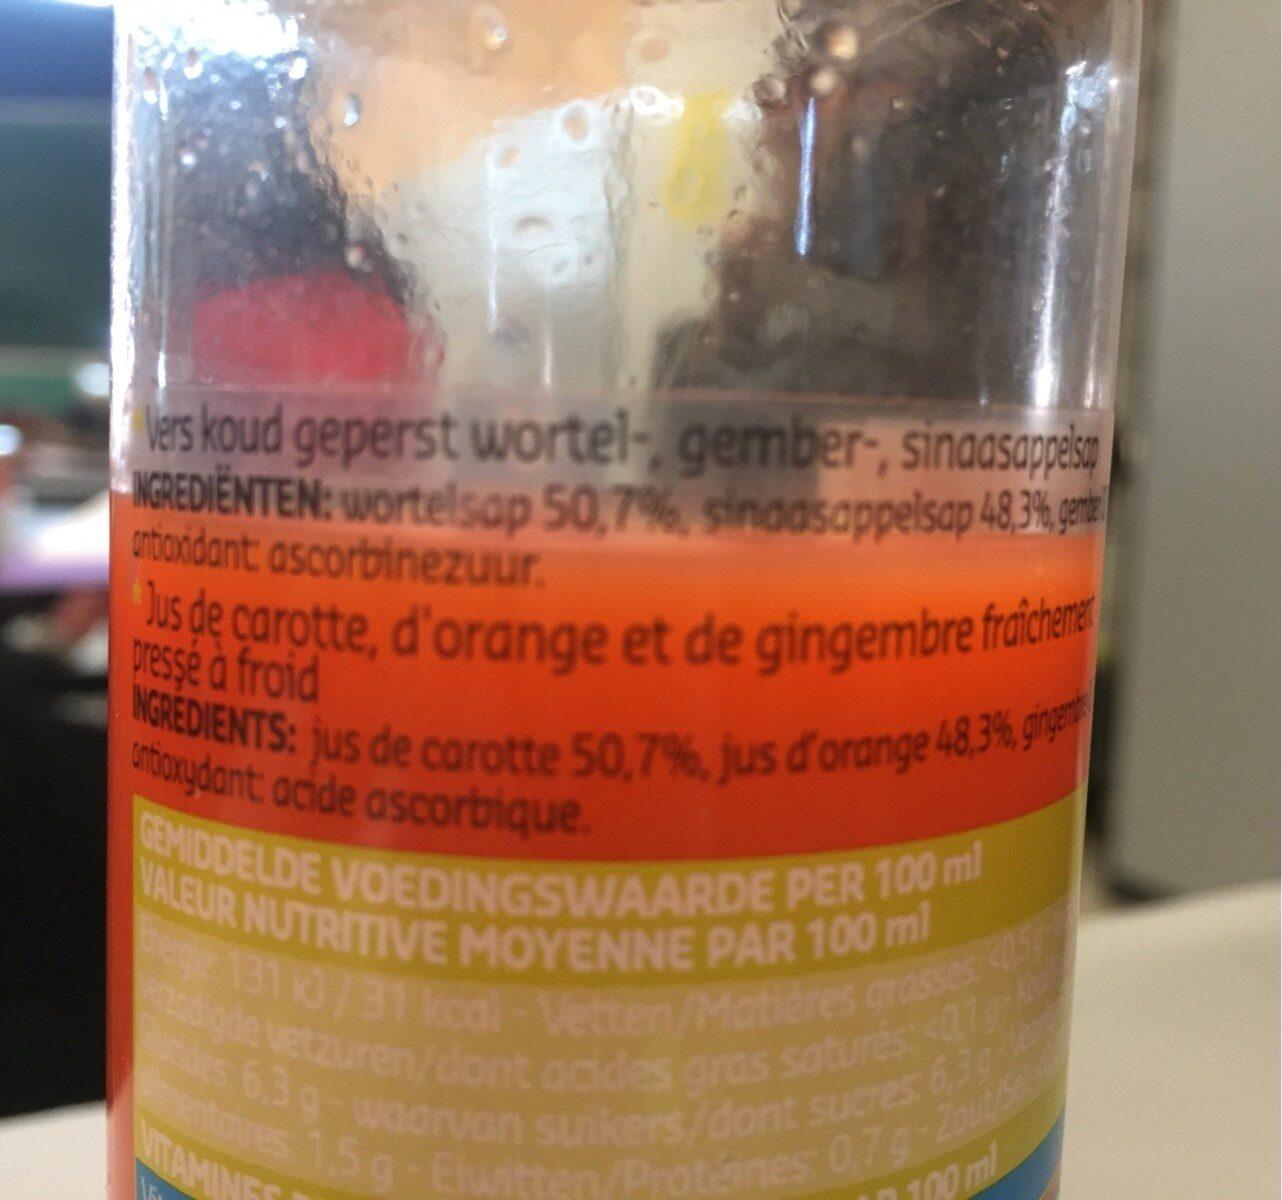 Juice cold pressed carotte orange et gingembre - Ingrediënten - fr